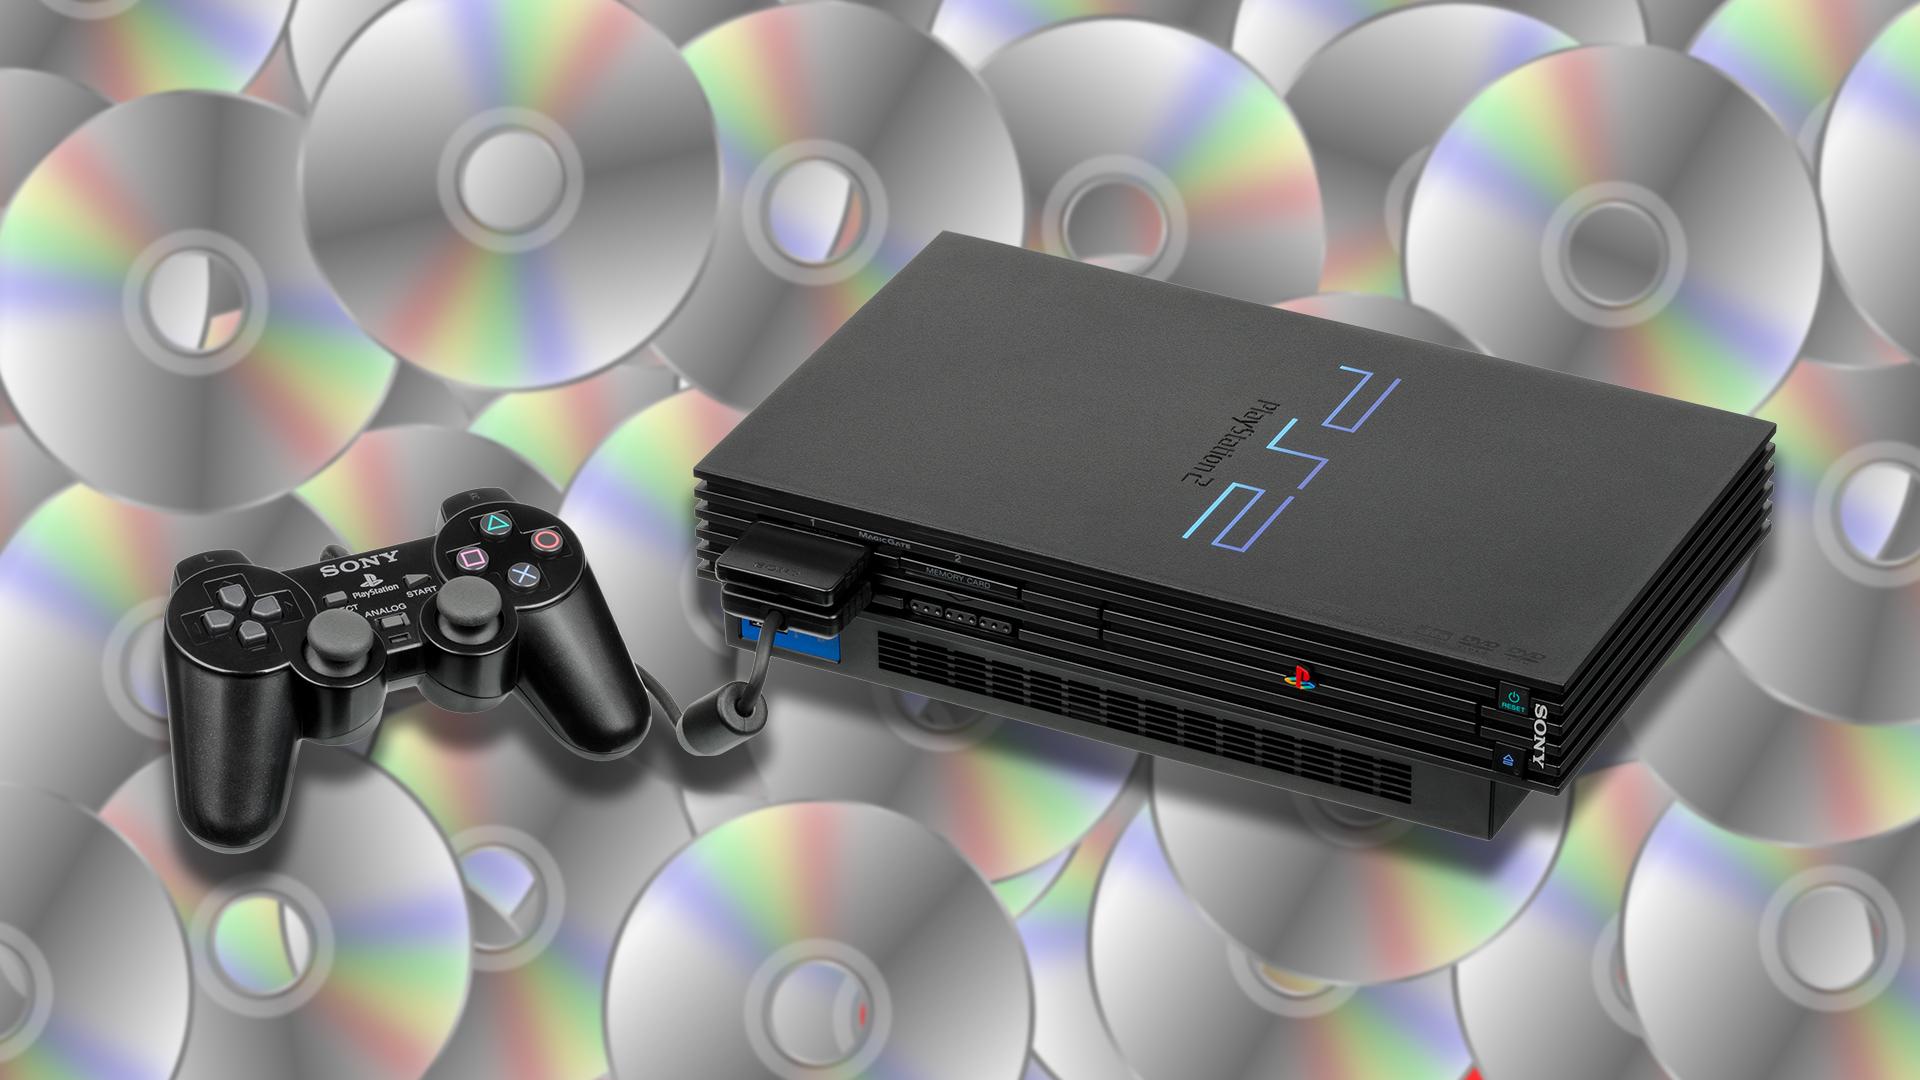 Группа по сохранению игр выпустила более 700 прототипов и неизданных демоверсий PS2